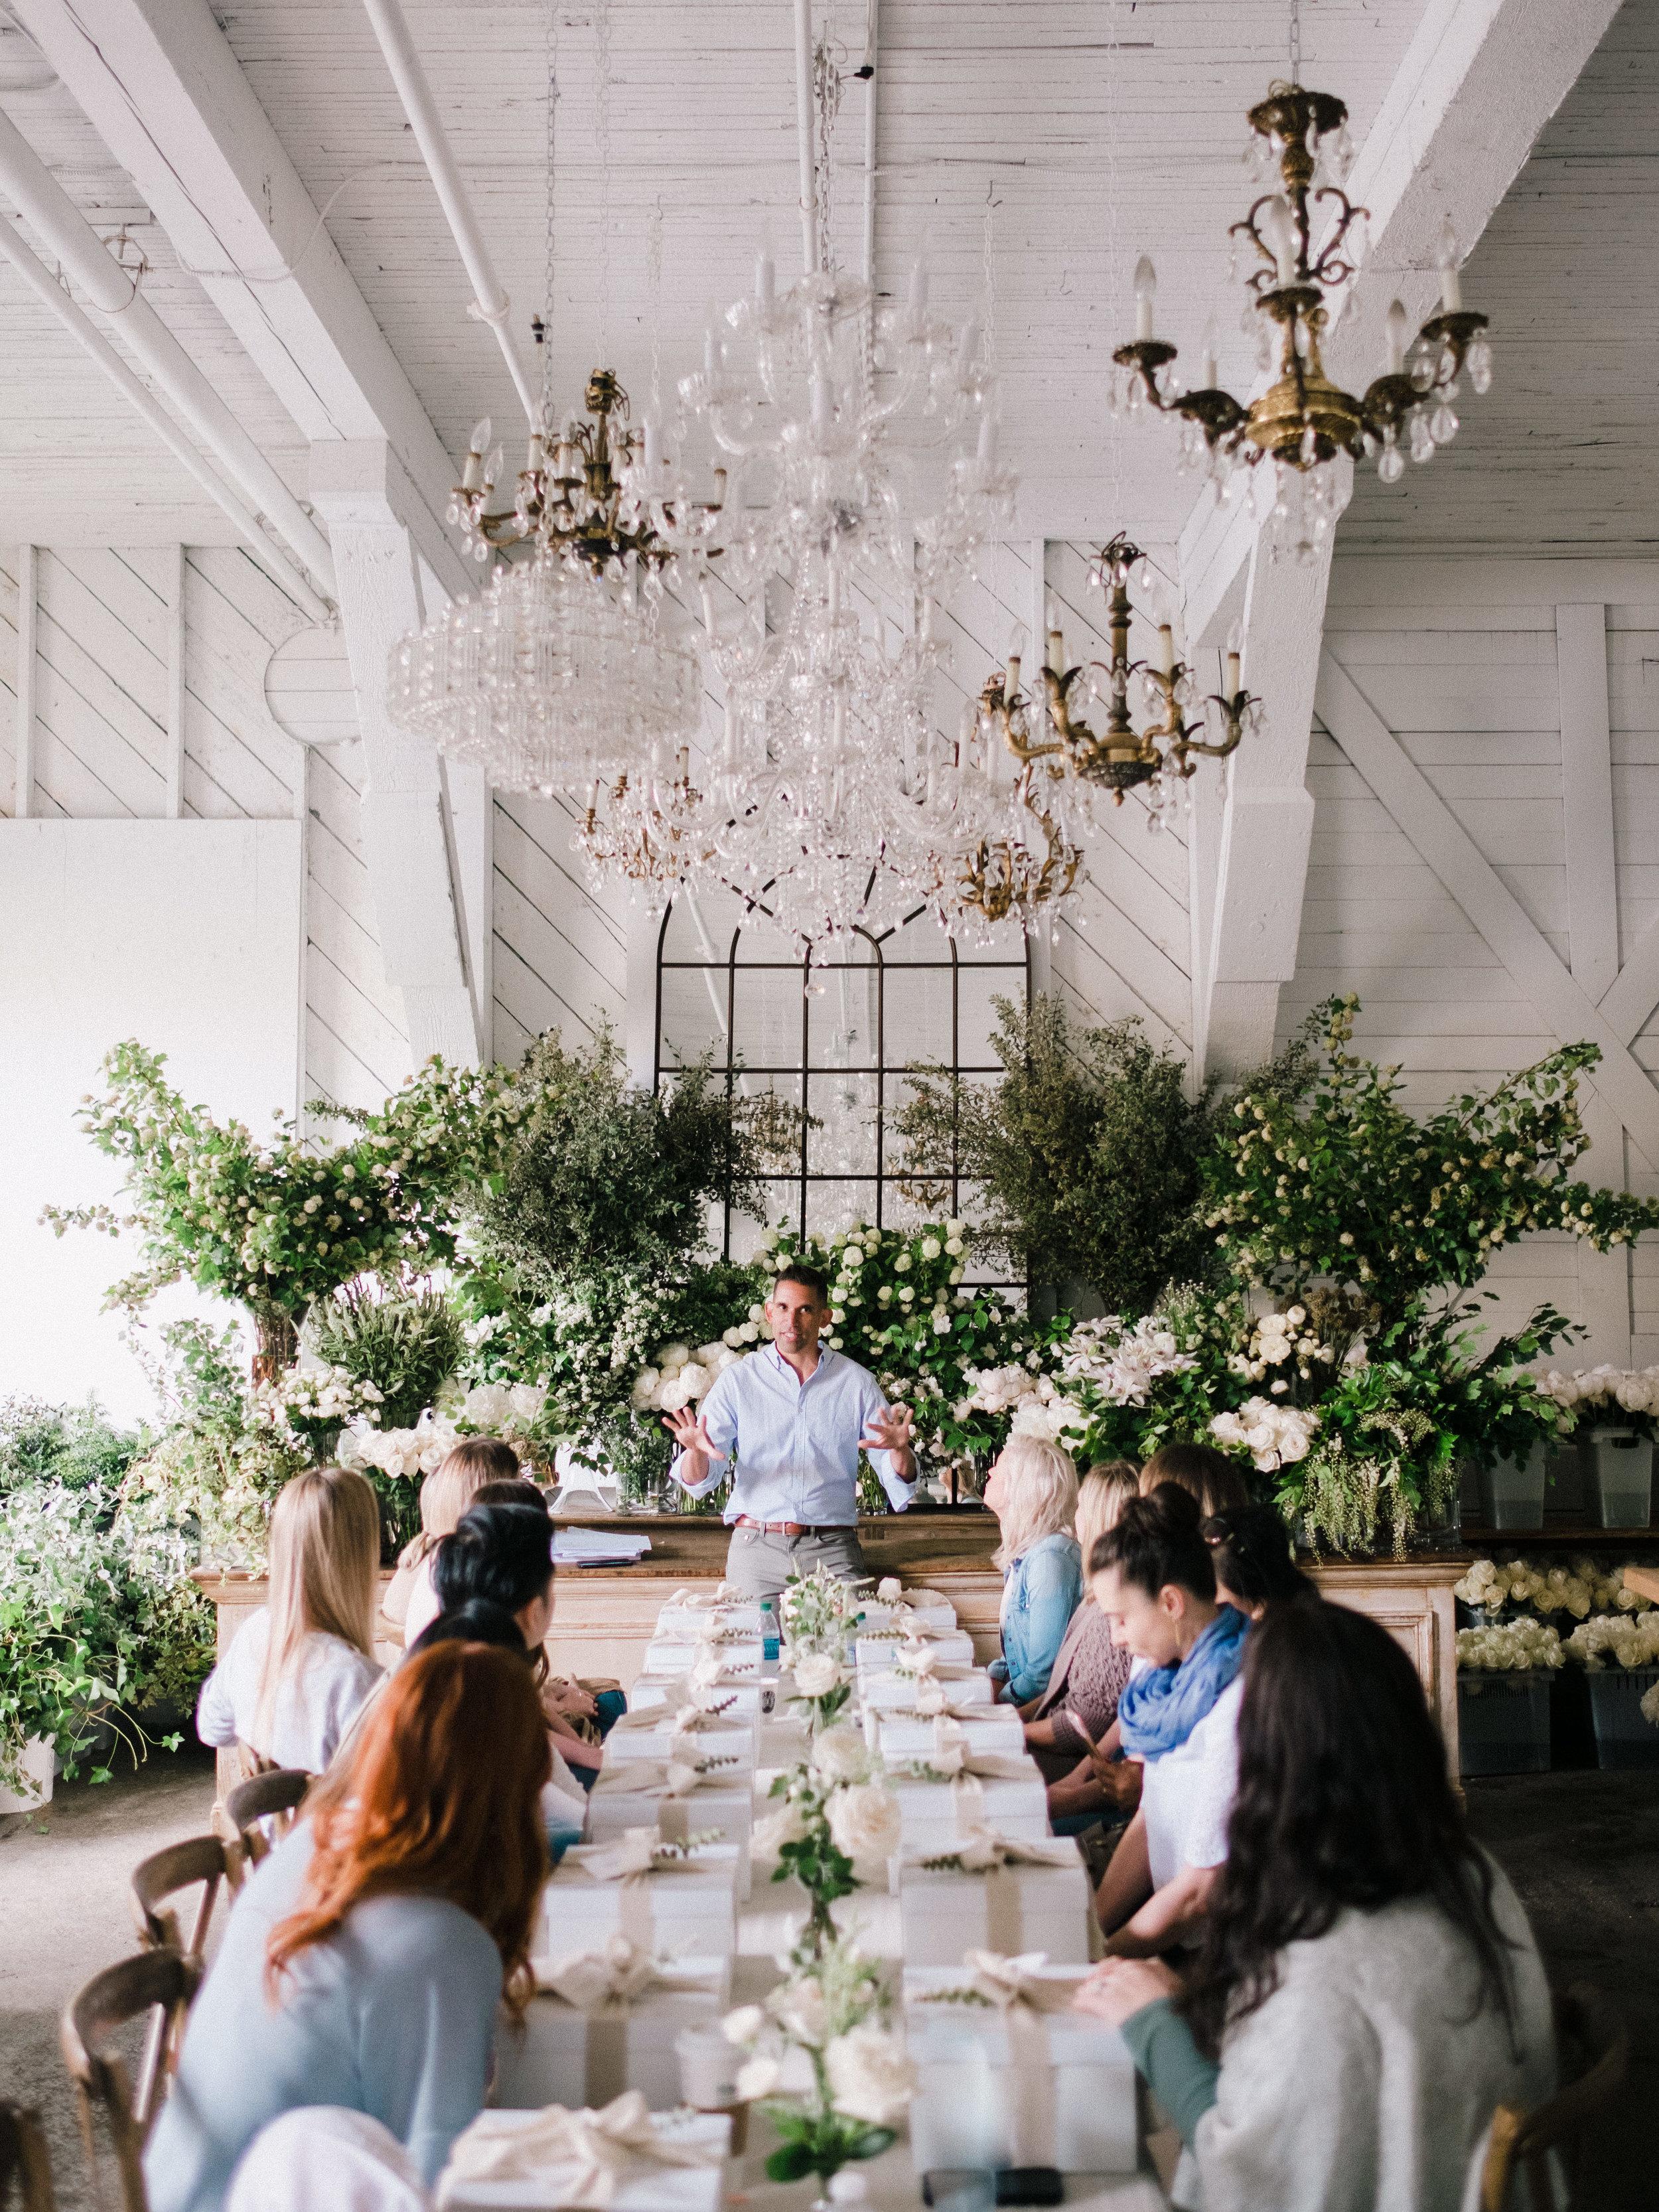 sinclairandmoore-real-wedding-workshop-ryanflynn-00066.jpg